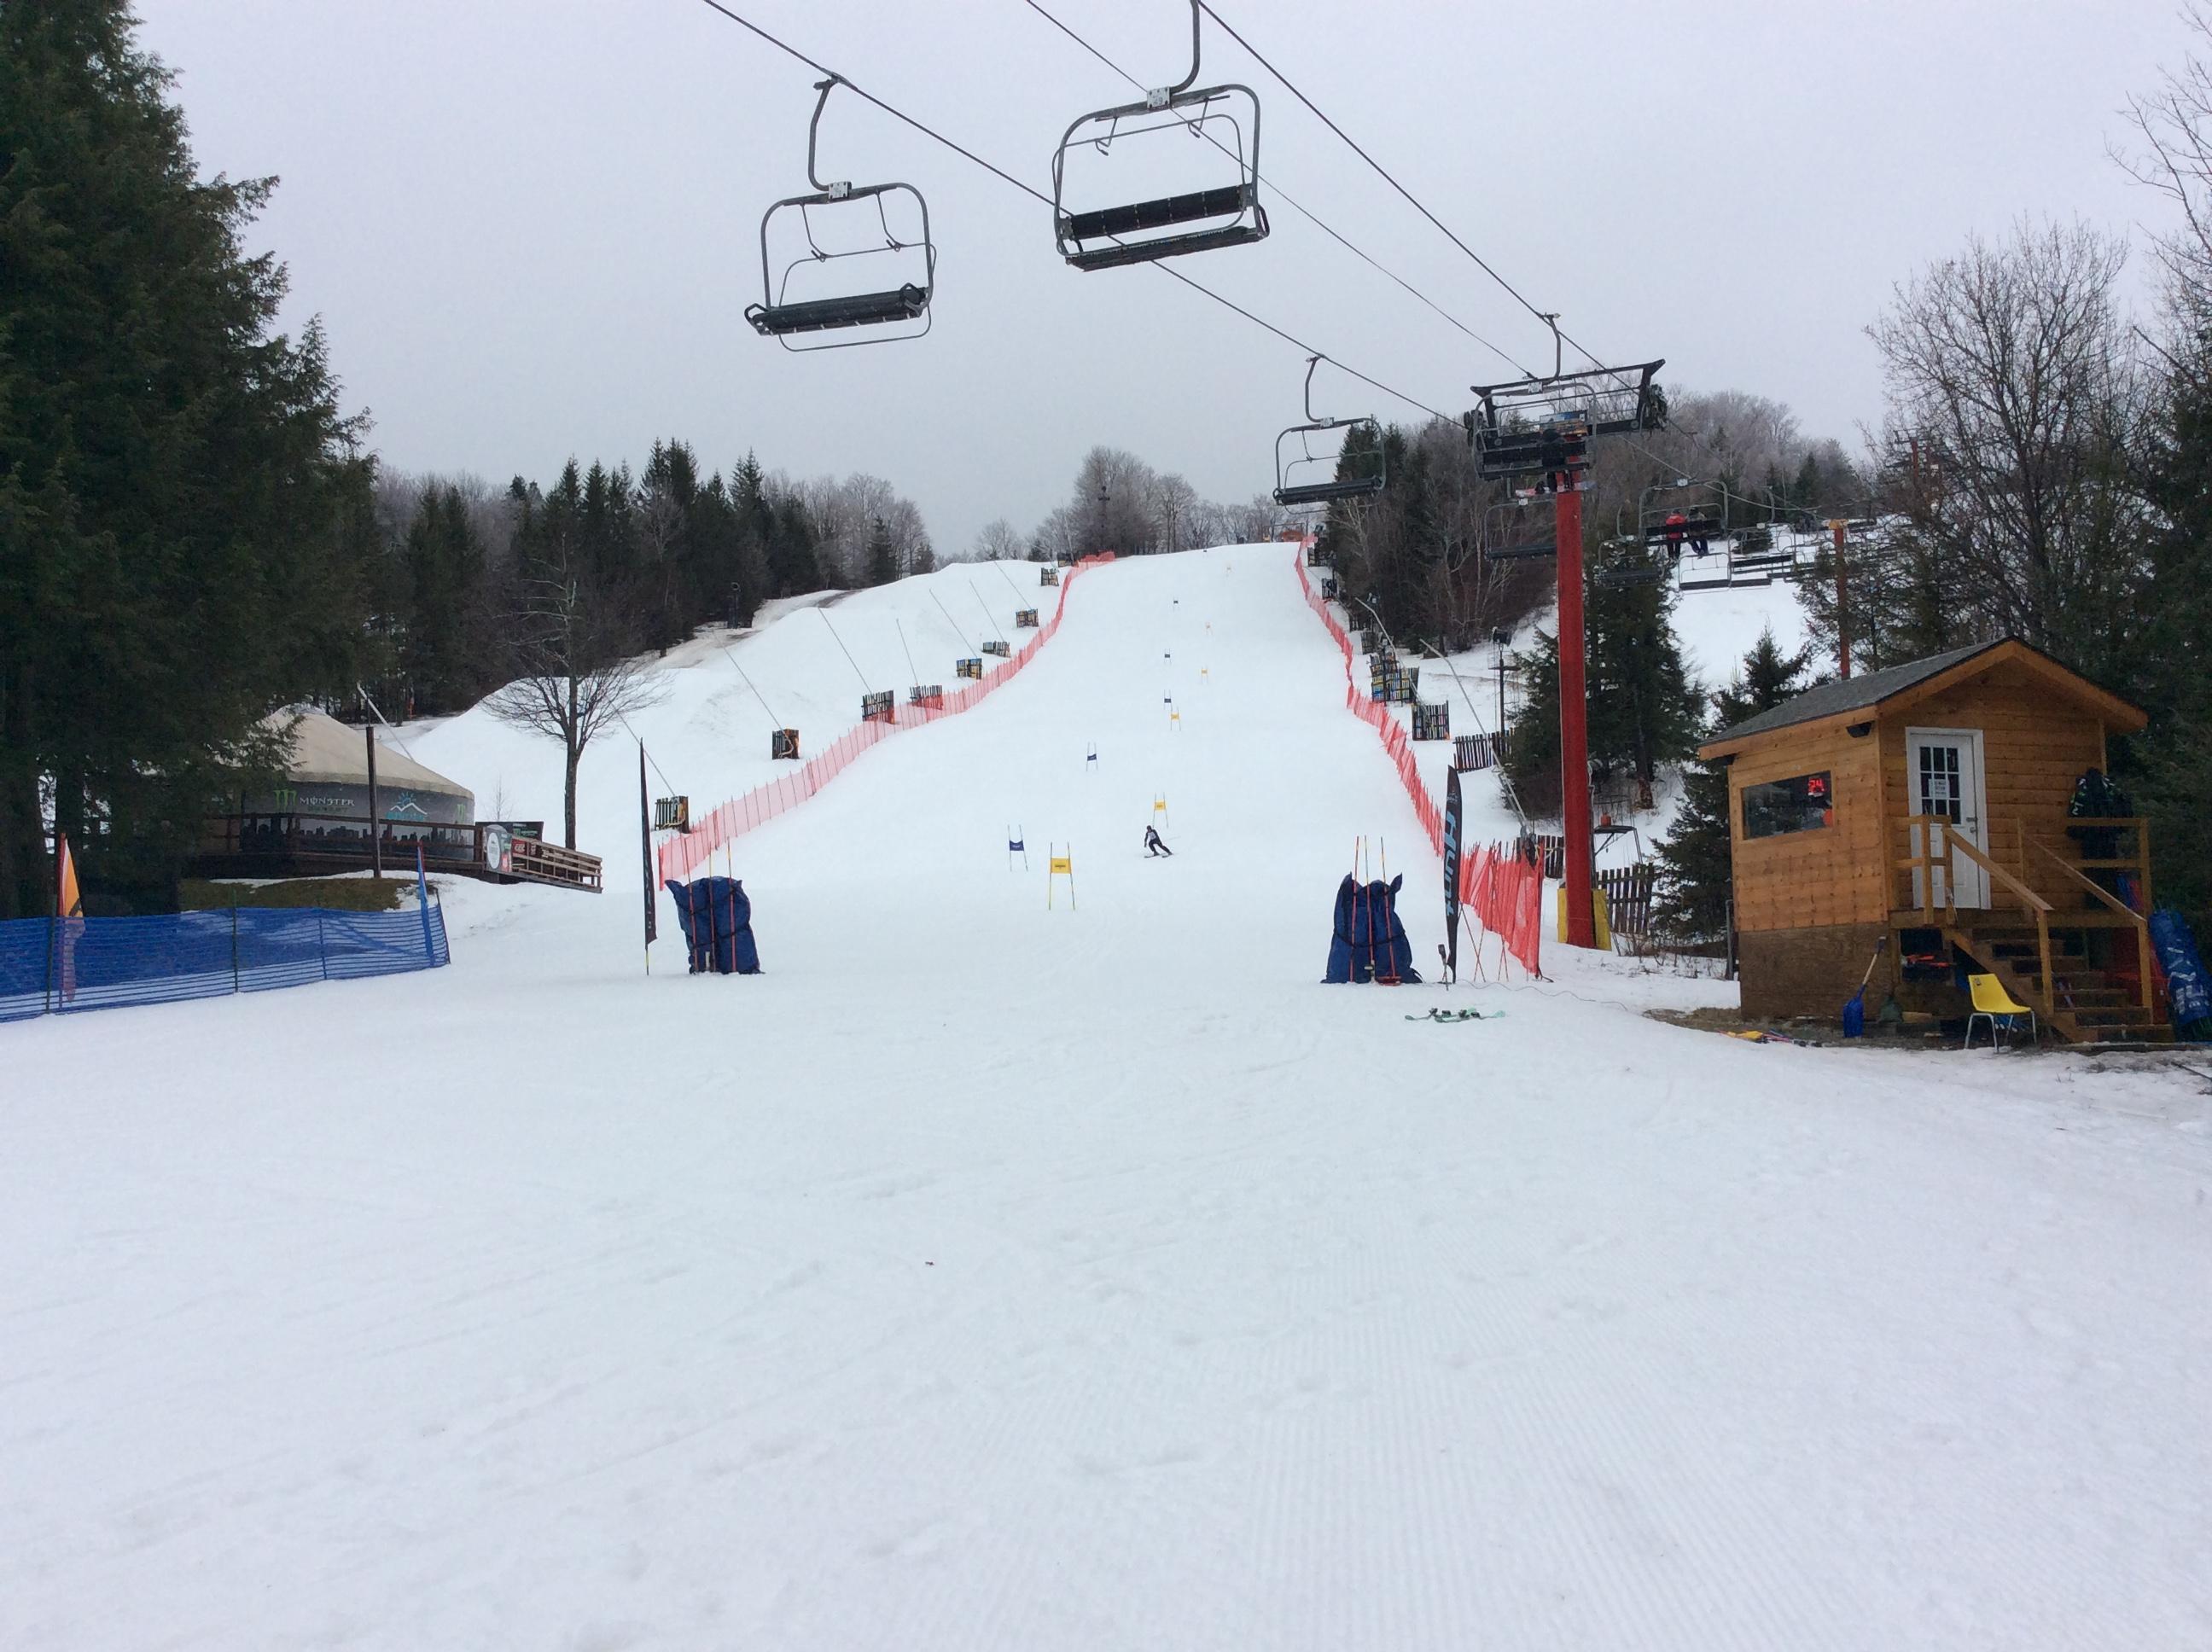 nypd-ski-club_31553700484_o